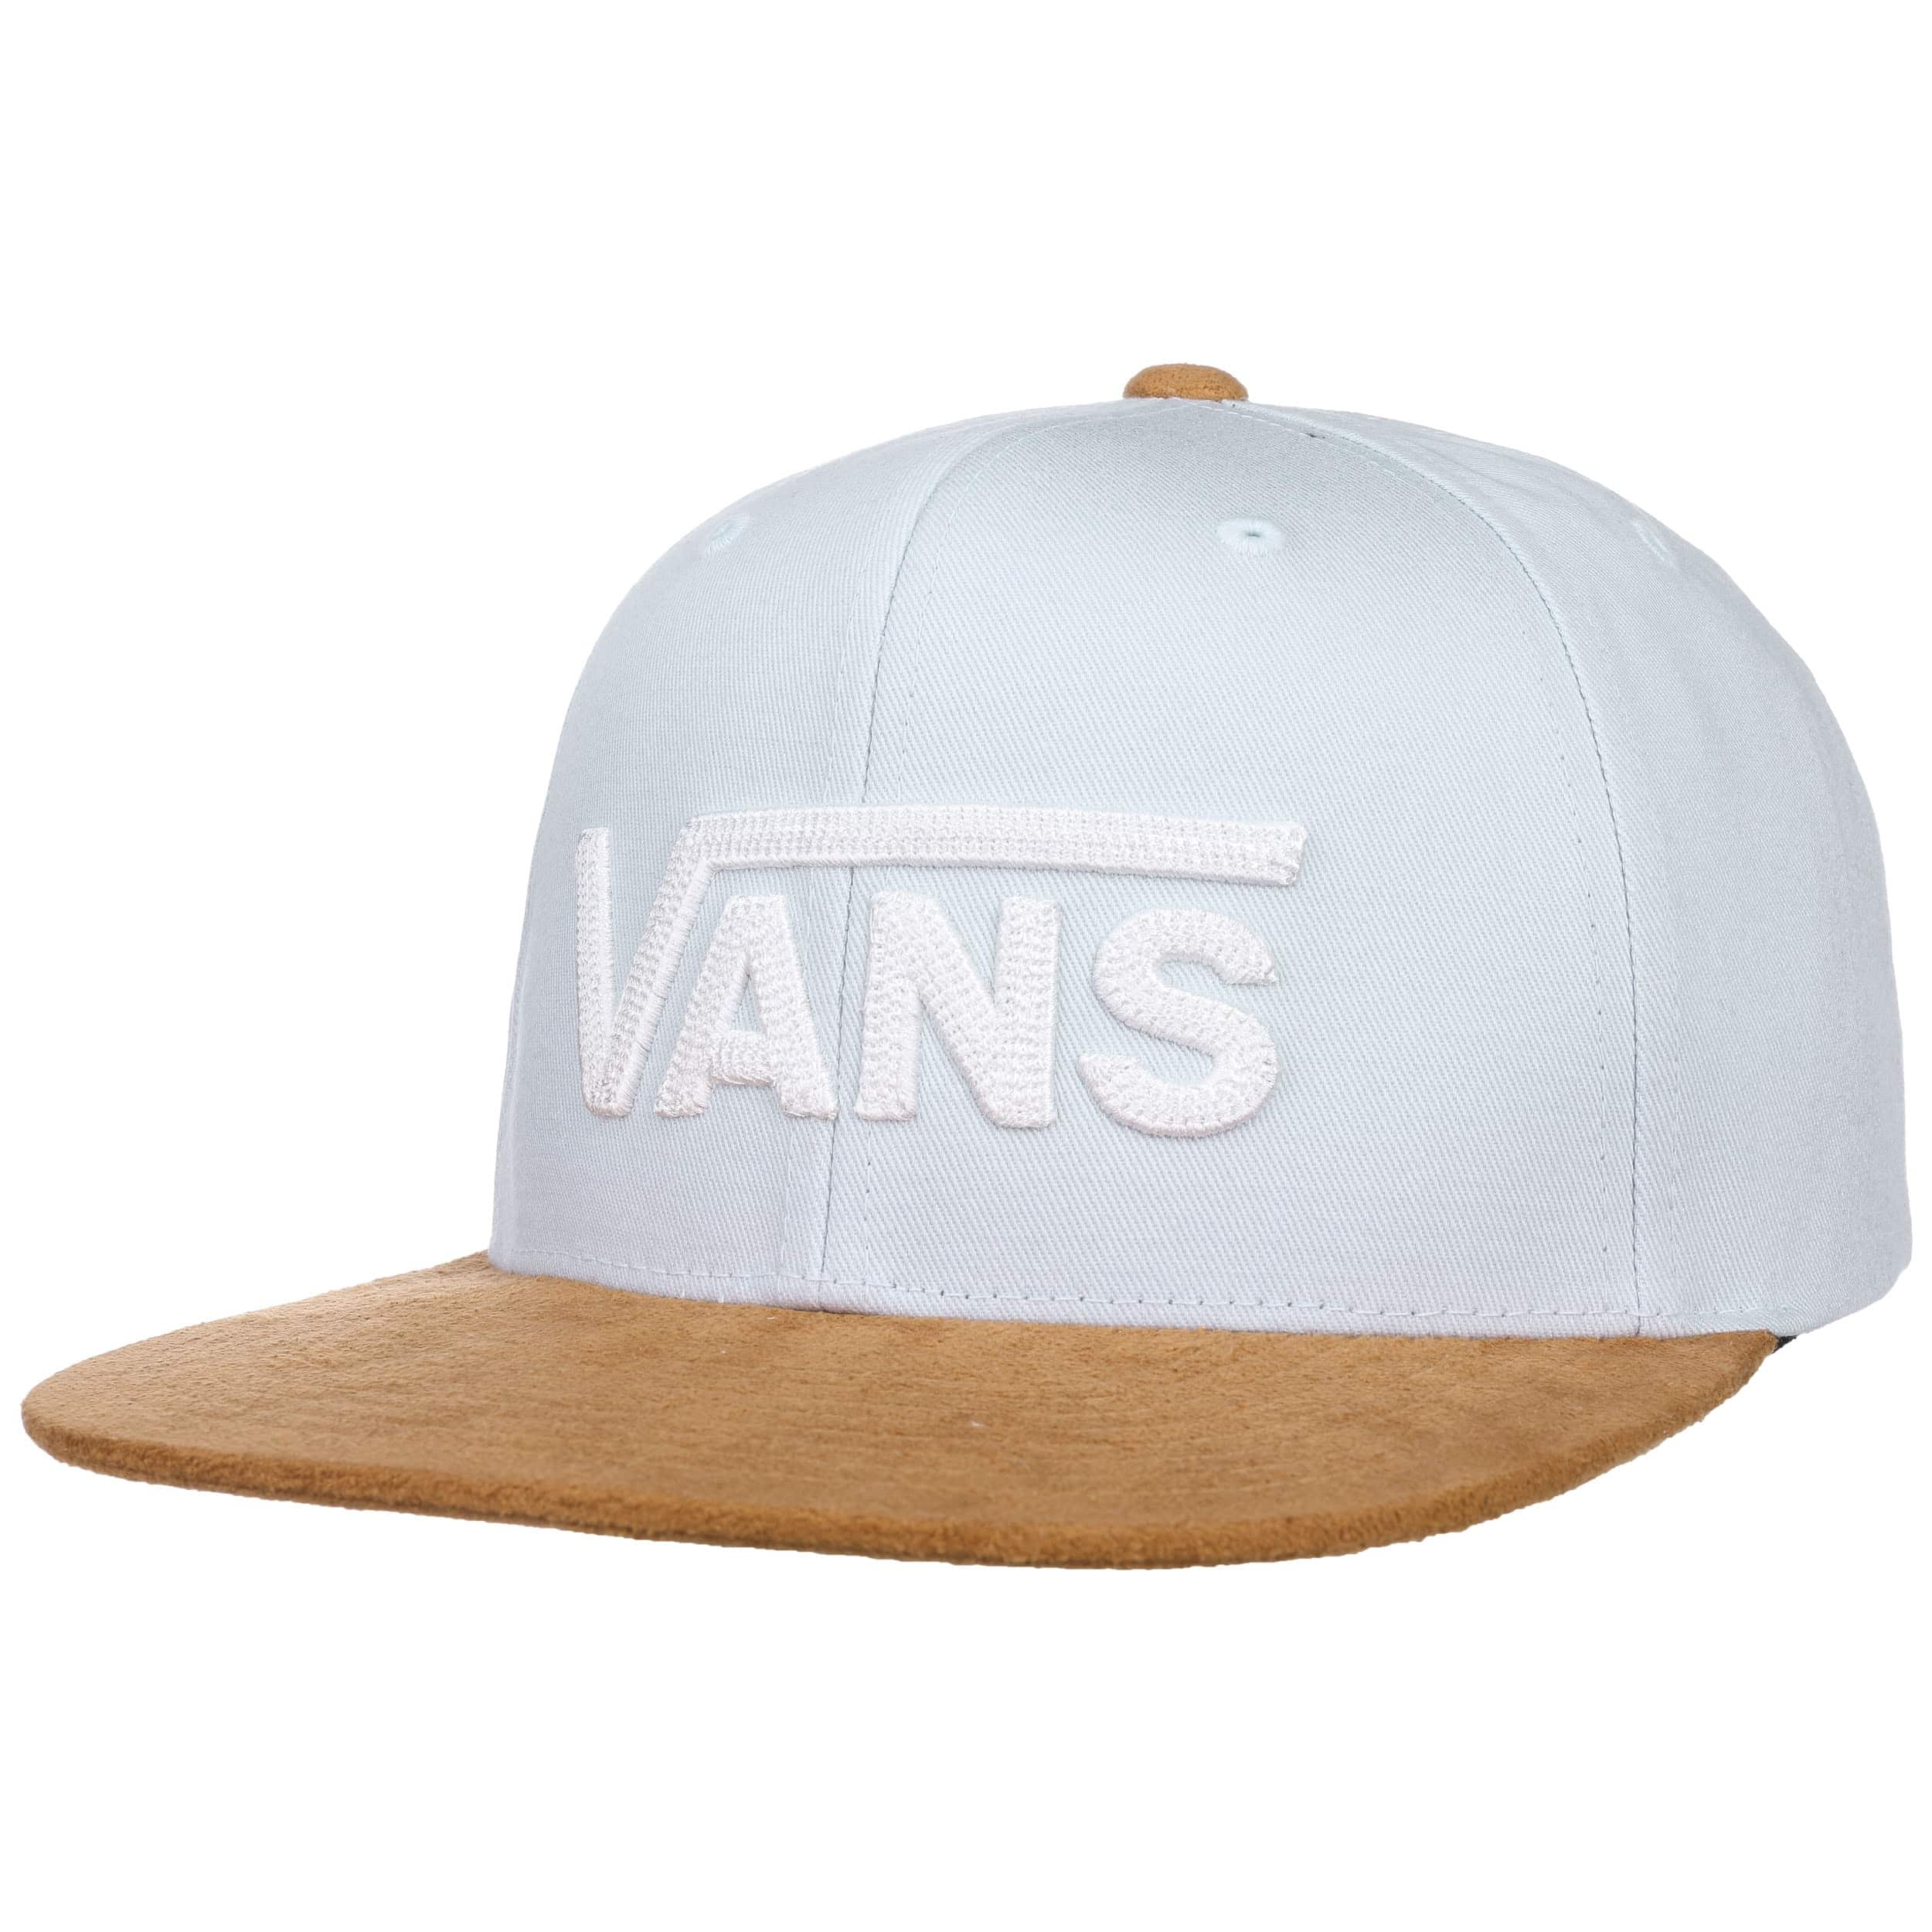 Drop V II Snapback Cap by Vans